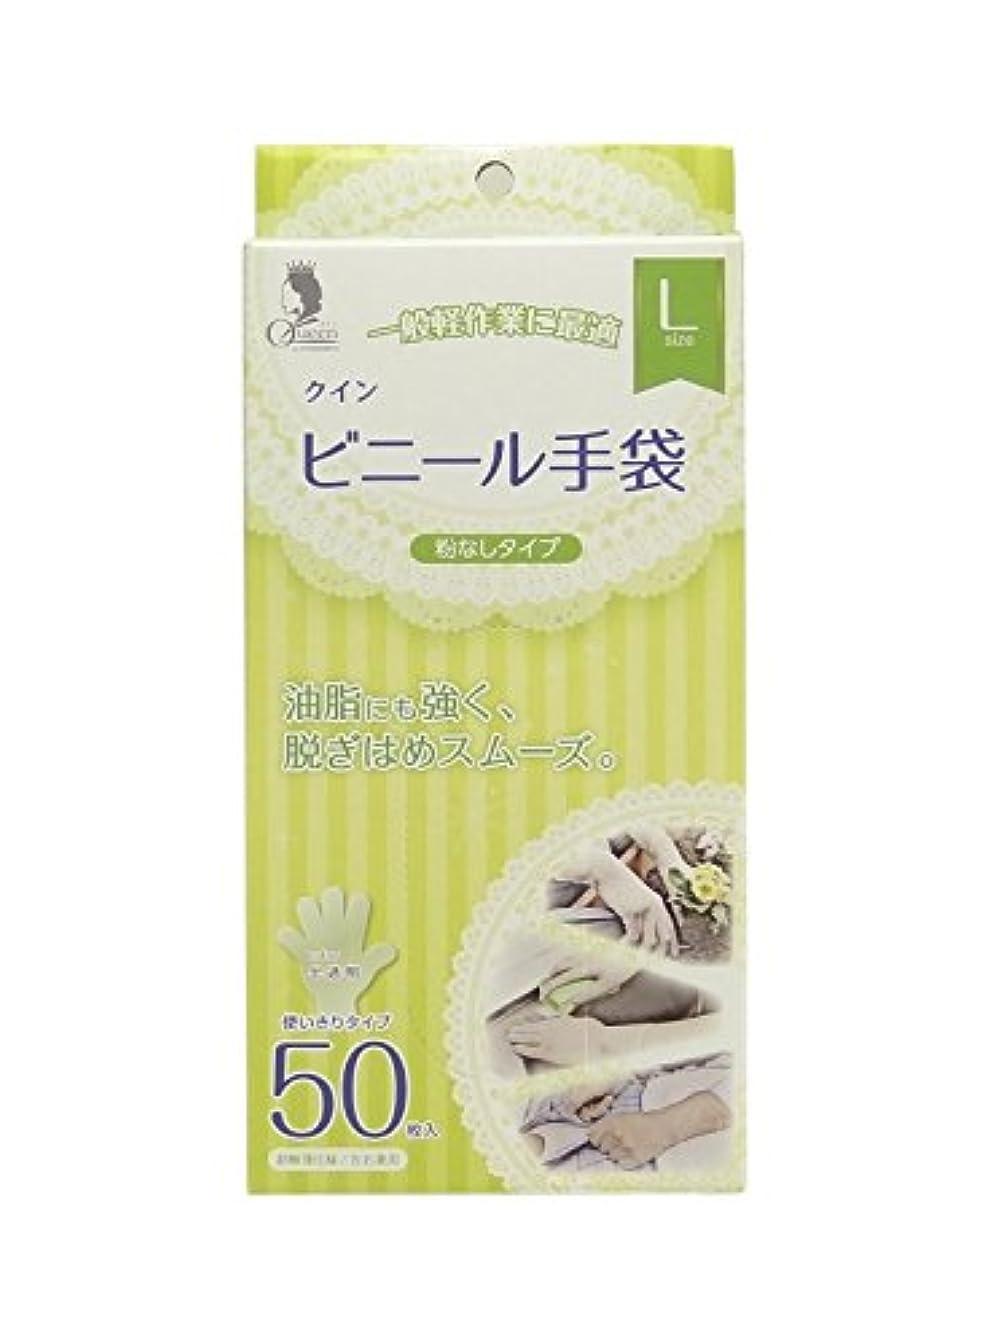 ドライセミナー十年宇都宮製作 クイン ビニール手袋(パウダーフリー) L 50枚